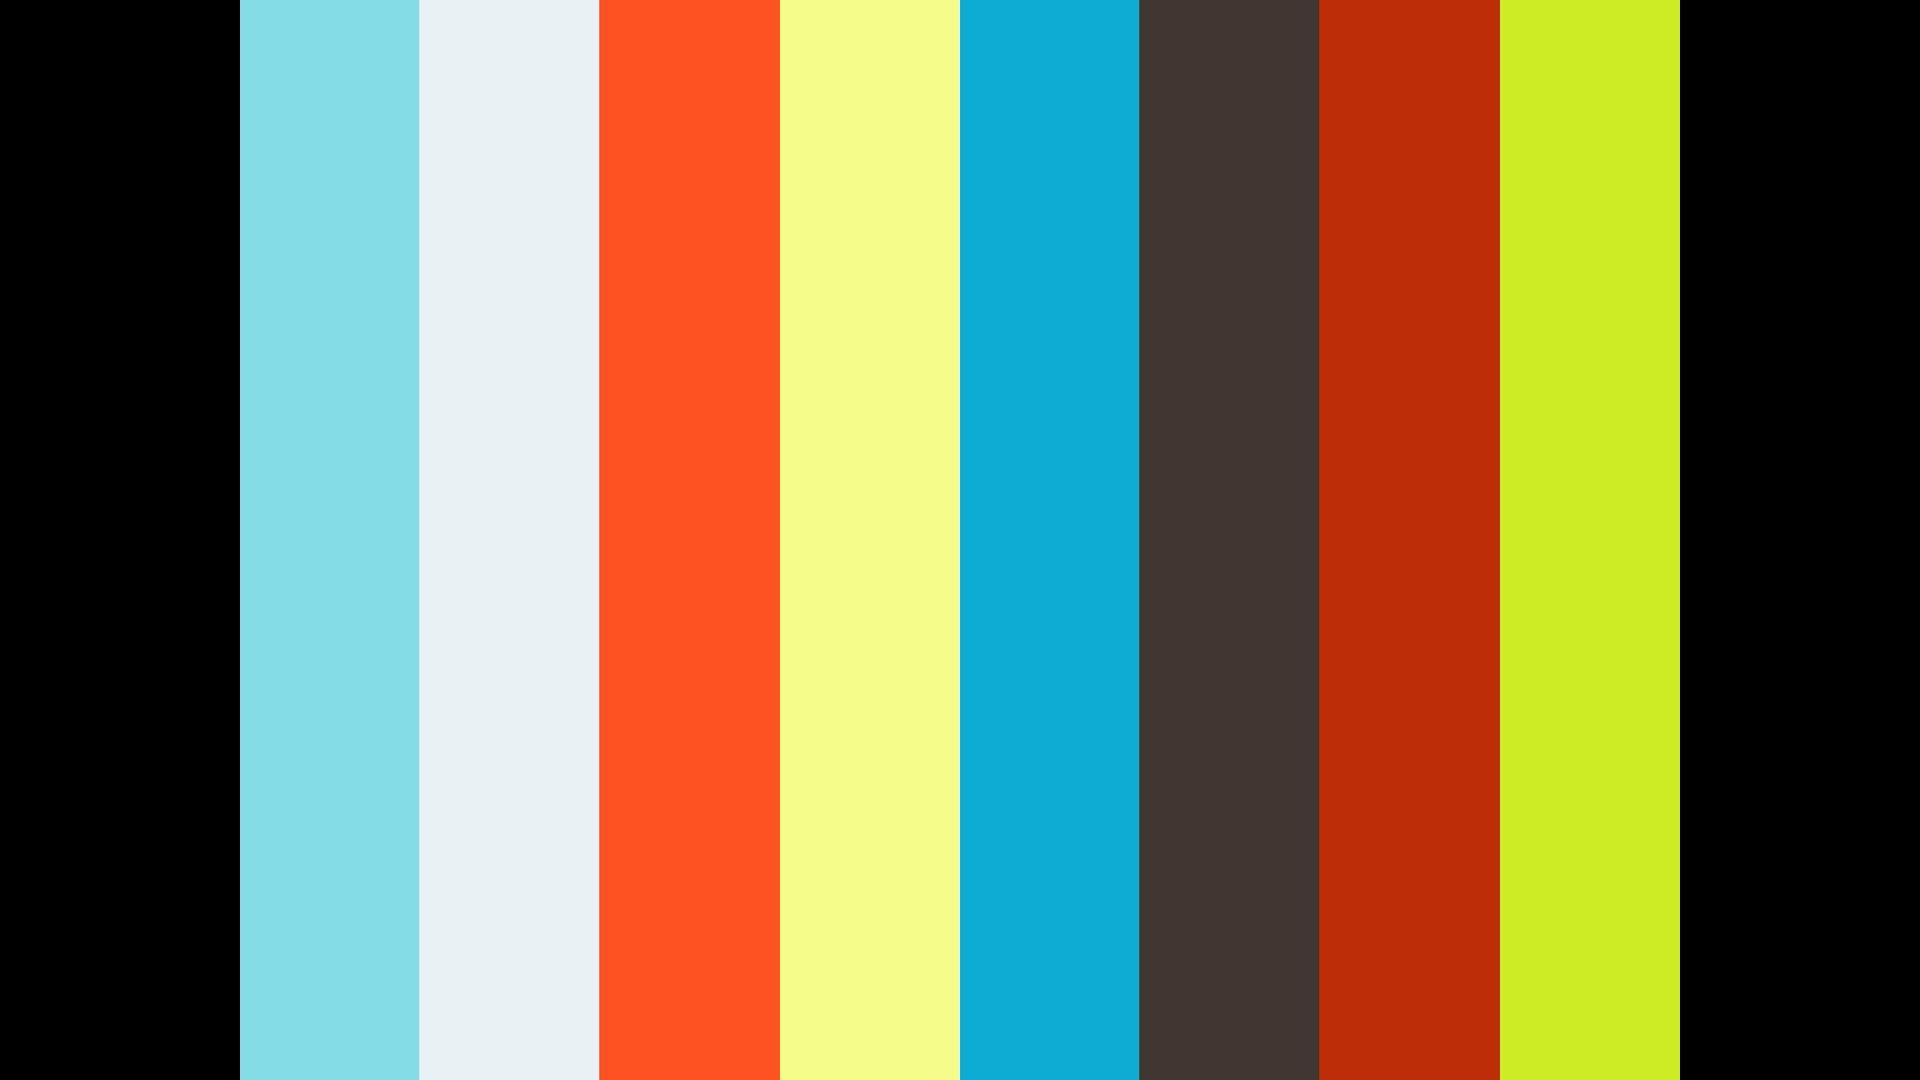 14698A3 - Oval Halo